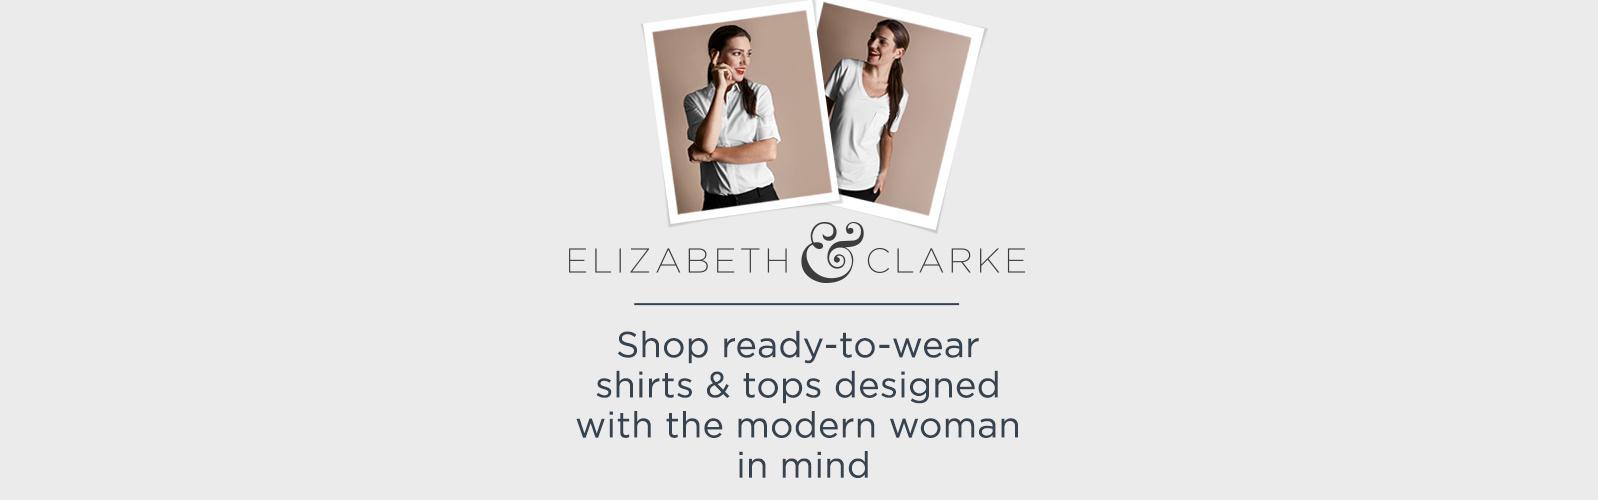 Elizabeth Clarke Fashion Apparel Qvc Com